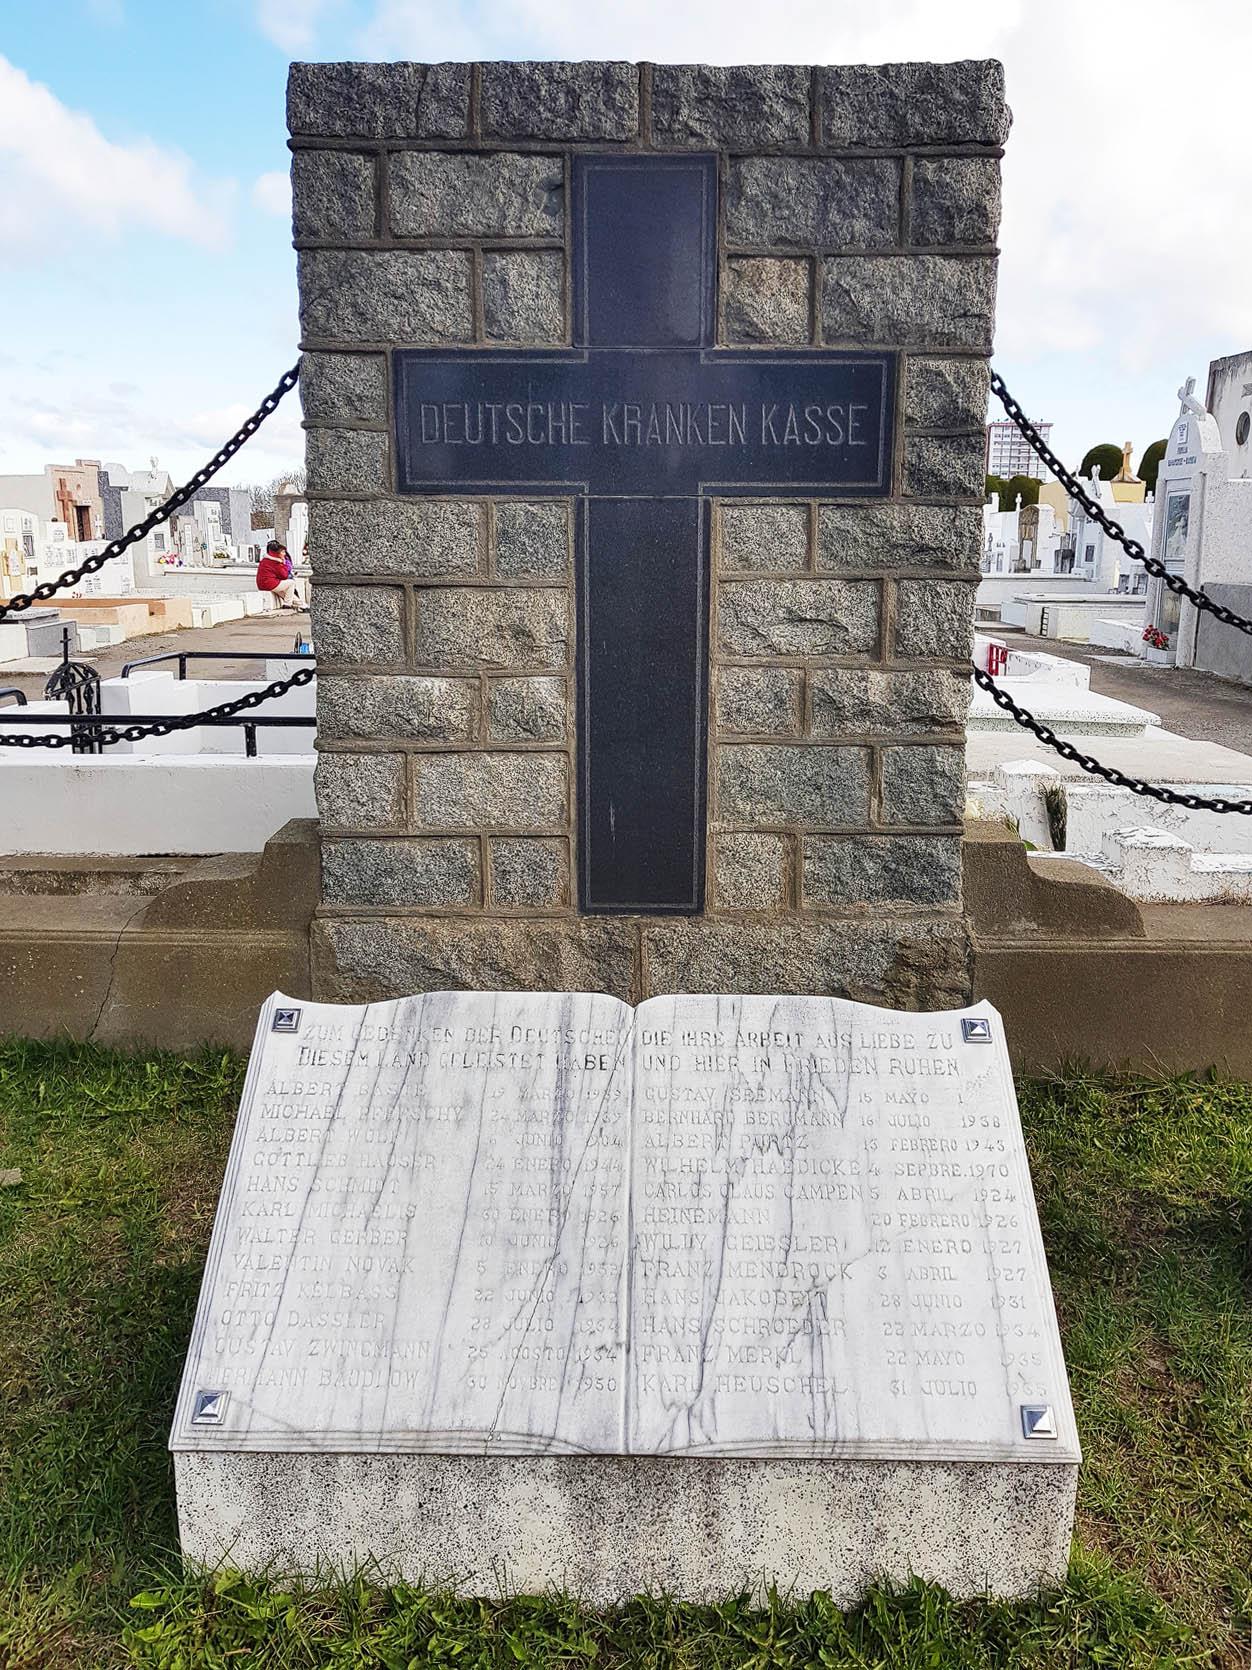 Denkmal für 'die Deutschen, die ihre Arbeit in Liebe zu diesem Land geleistet haben und hier in Frieden ruhen'